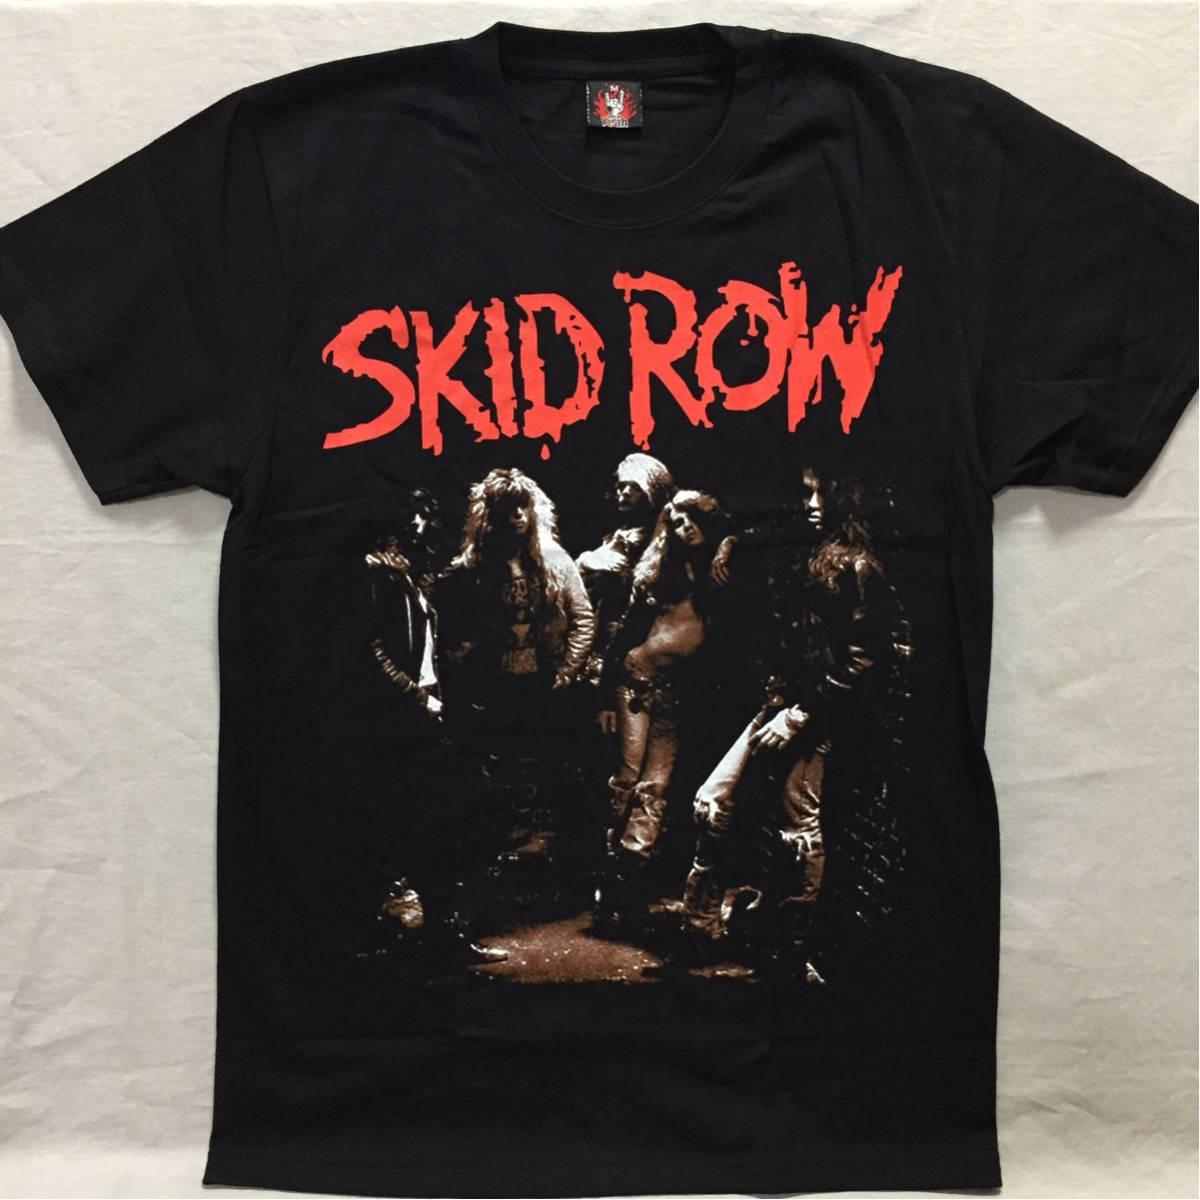 バンドTシャツ スキッド ロー(SKID ROW) 新品L